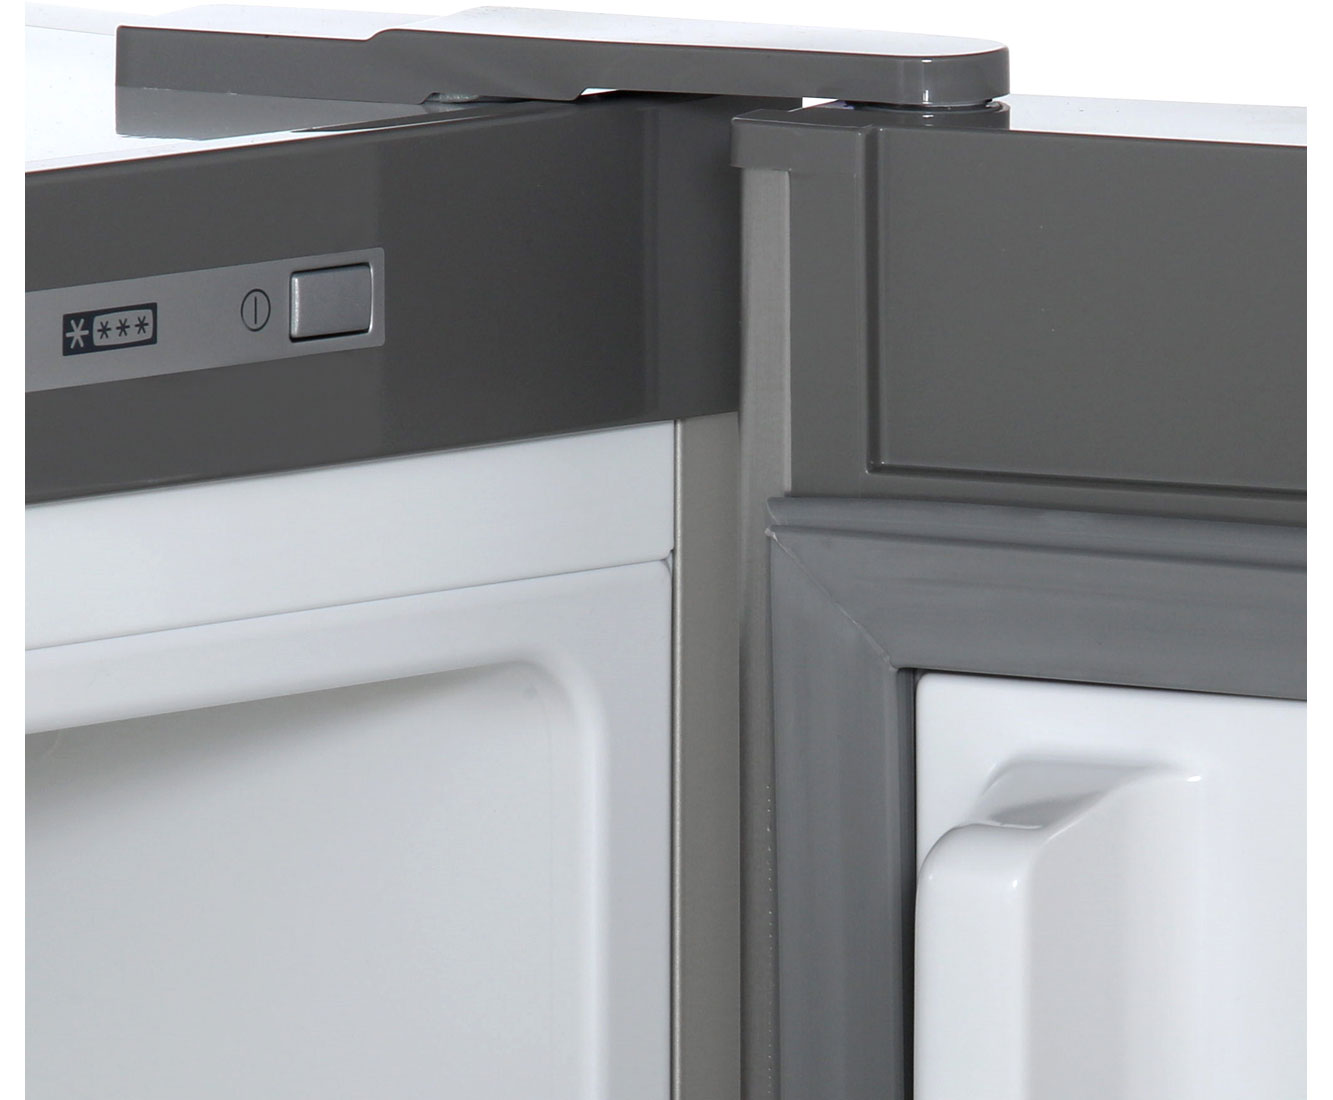 Siemens Kühlschrank Gefrierfach Abtauen : Siemens kg vvl kühl gefrierkombination er breite edelstahl